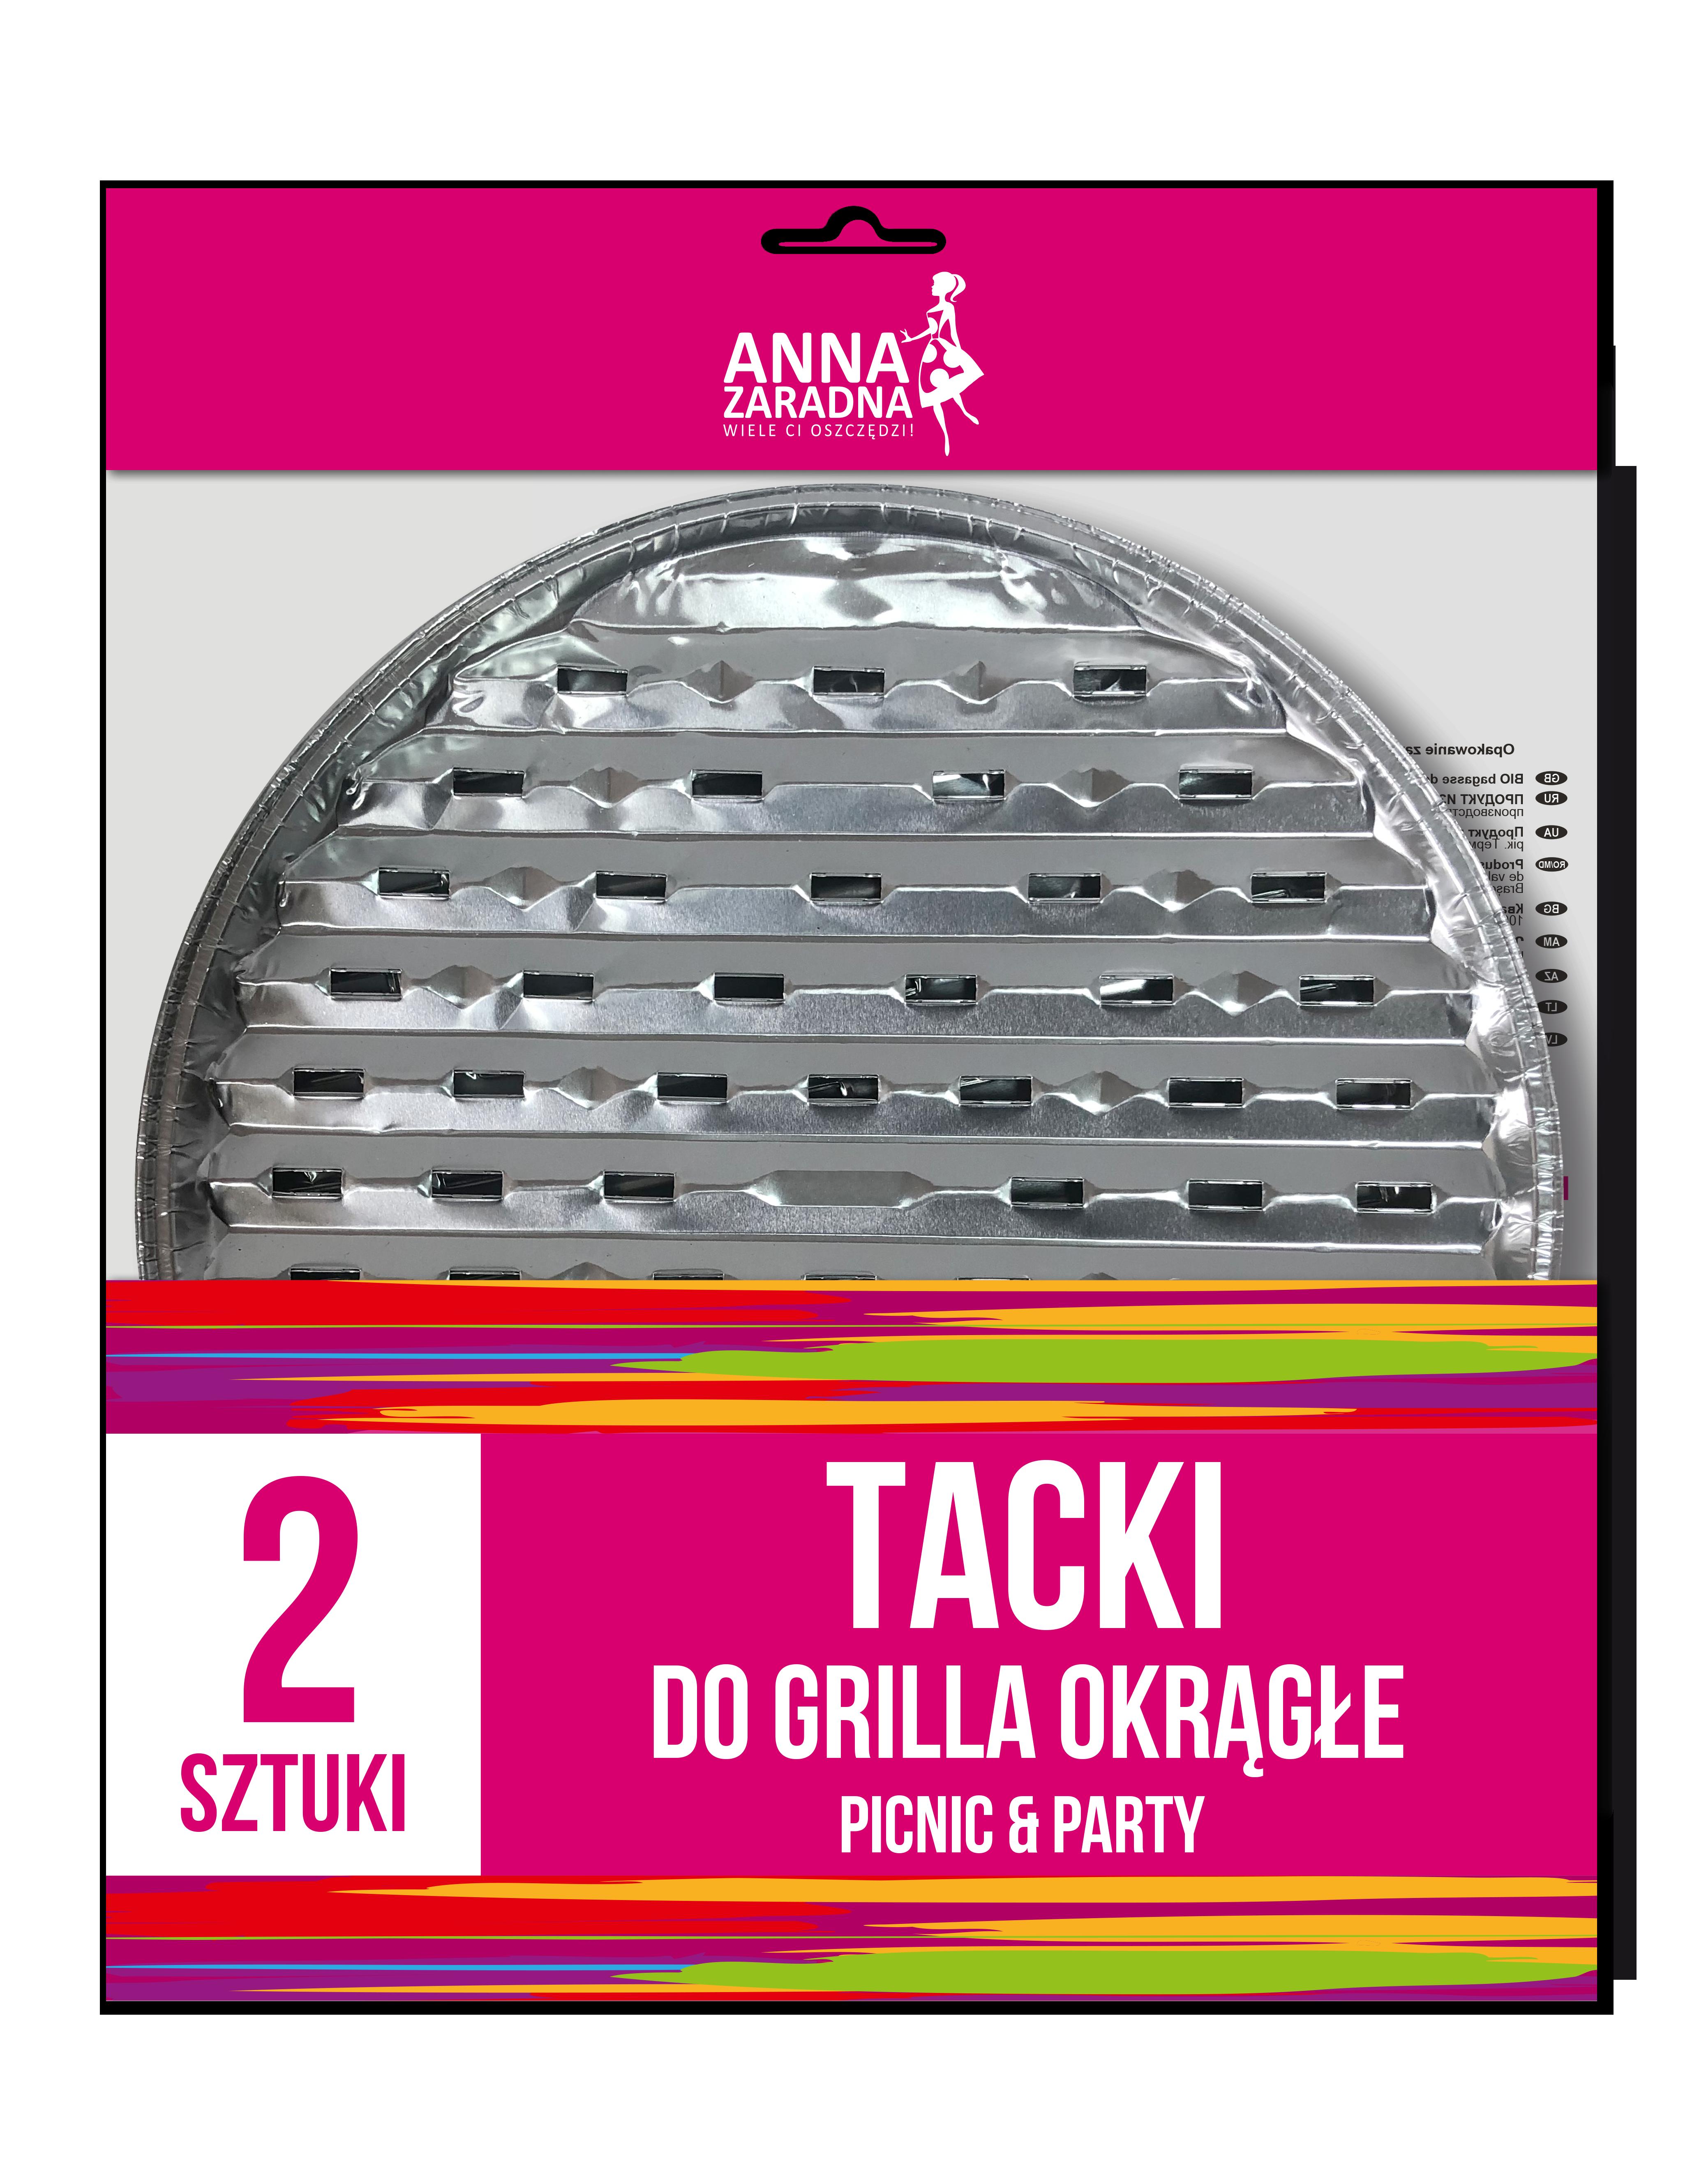 Anna Zaradna Tacki do grilla okrągłe 2szt